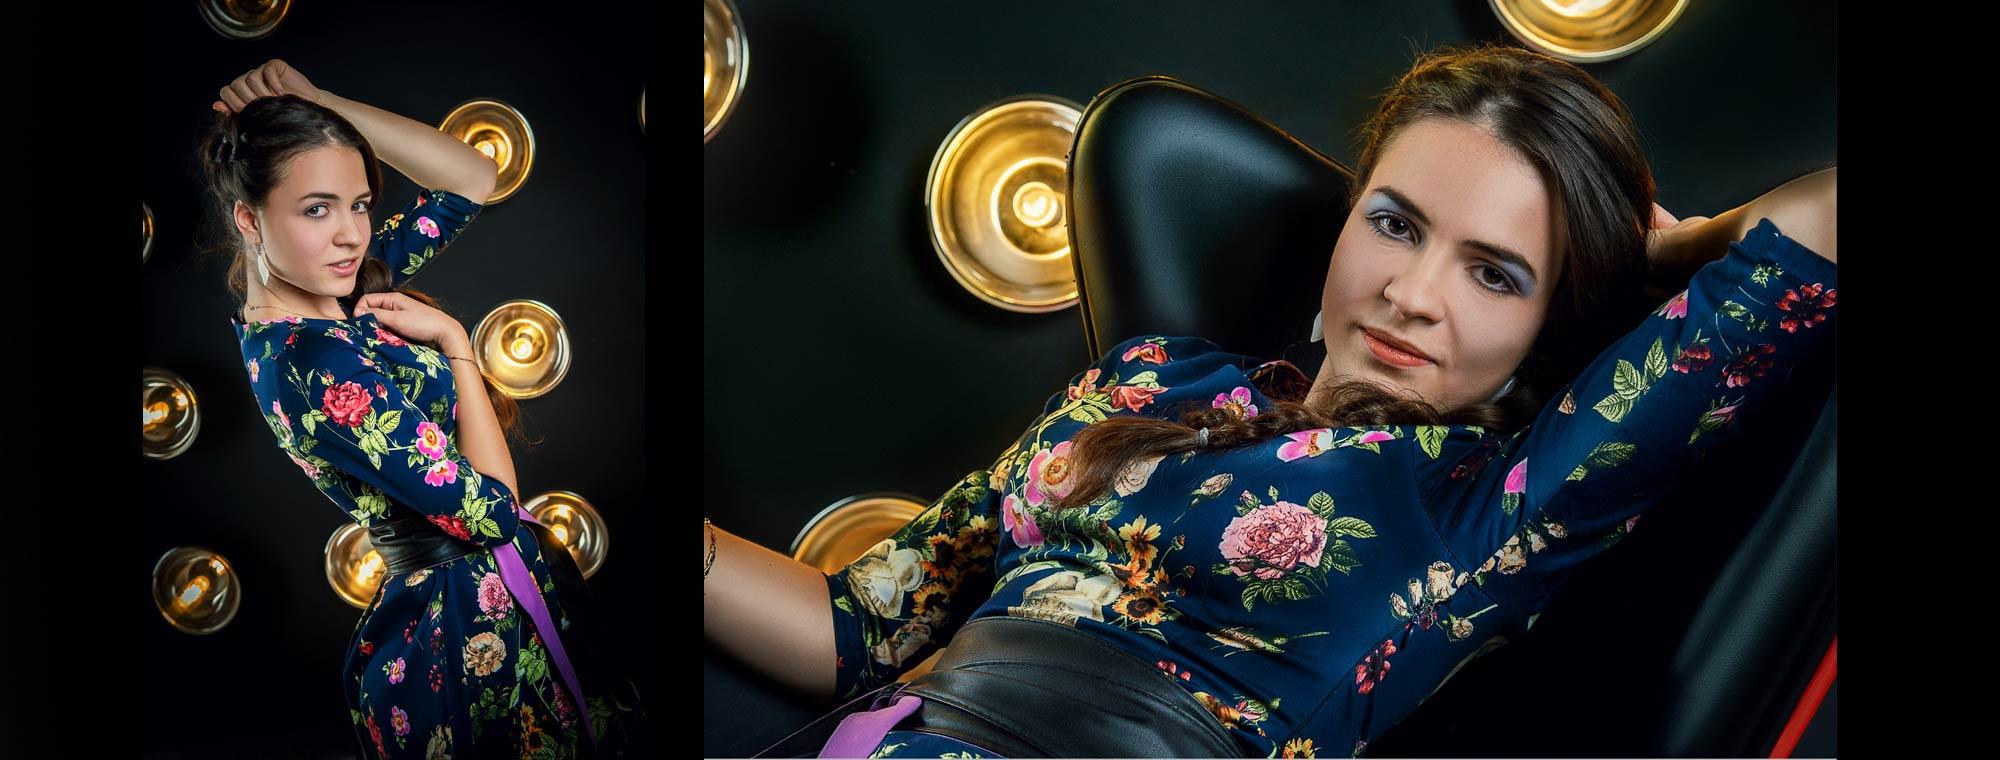 portrety-fotosesia-photo-koshkin-konstantin42